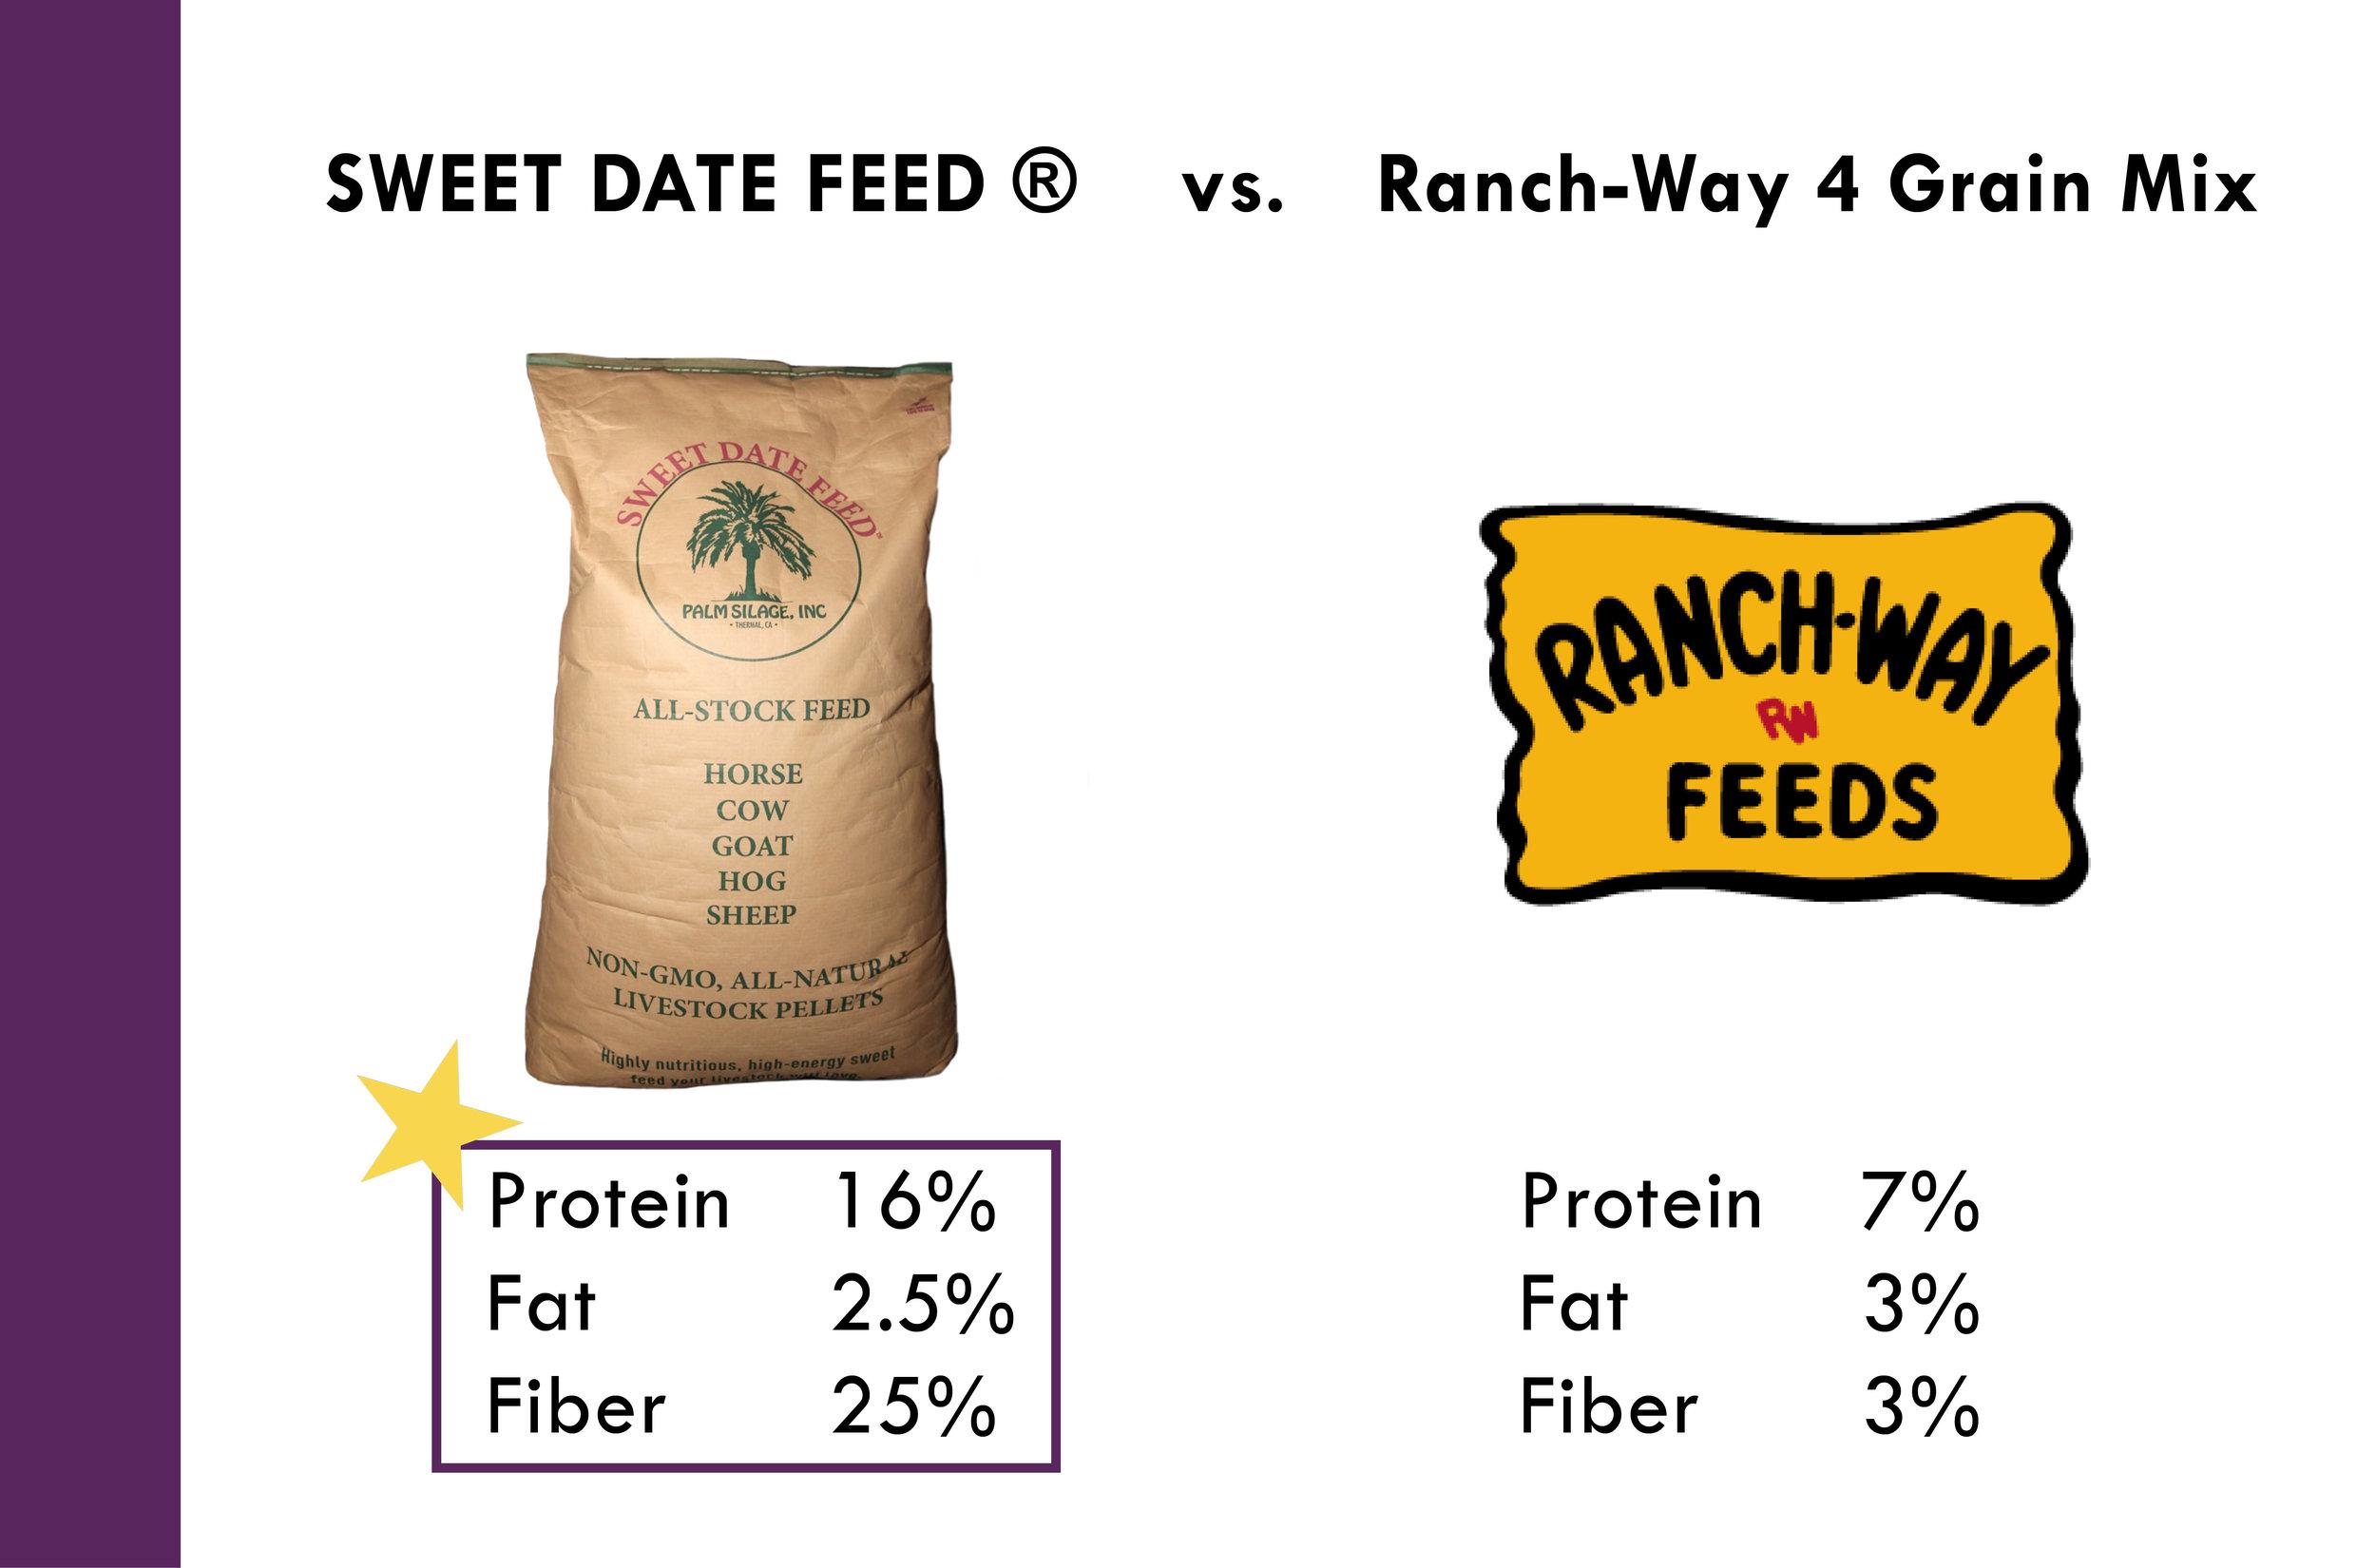 Why Sweet Date Feed_Palm Silage, Inc. 10-11-175.jpg